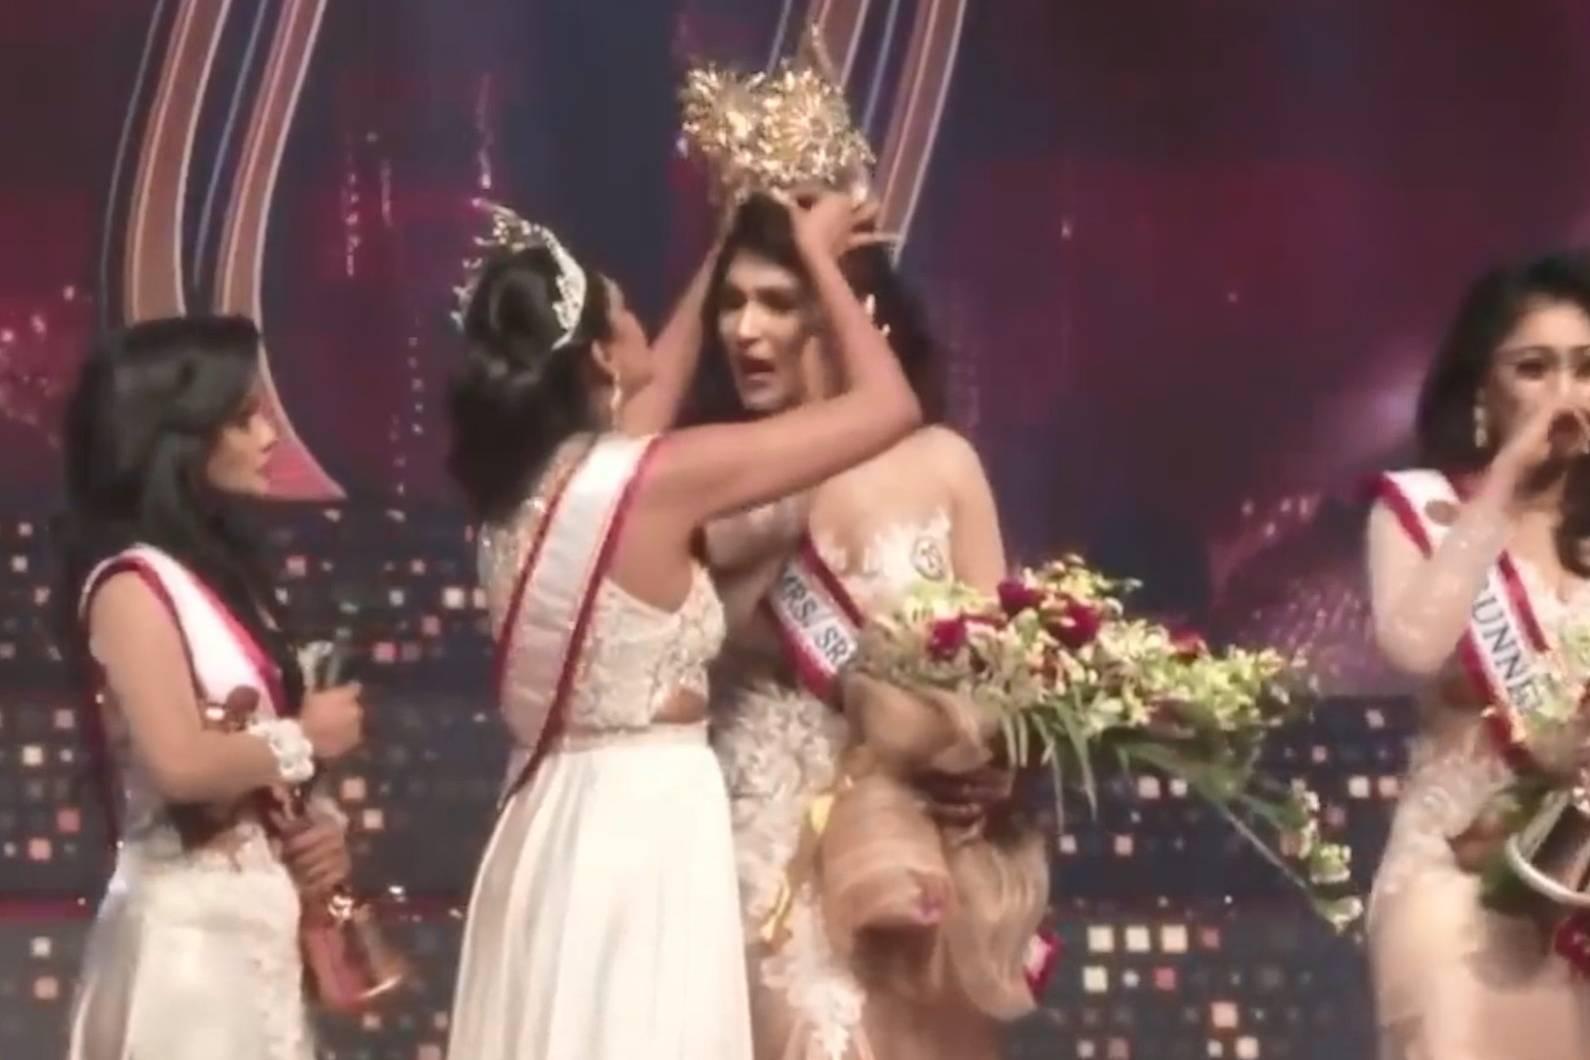 Мисс мира накинулась на победительницу во время конкурса, вырвав у неё корону вместе с волосами